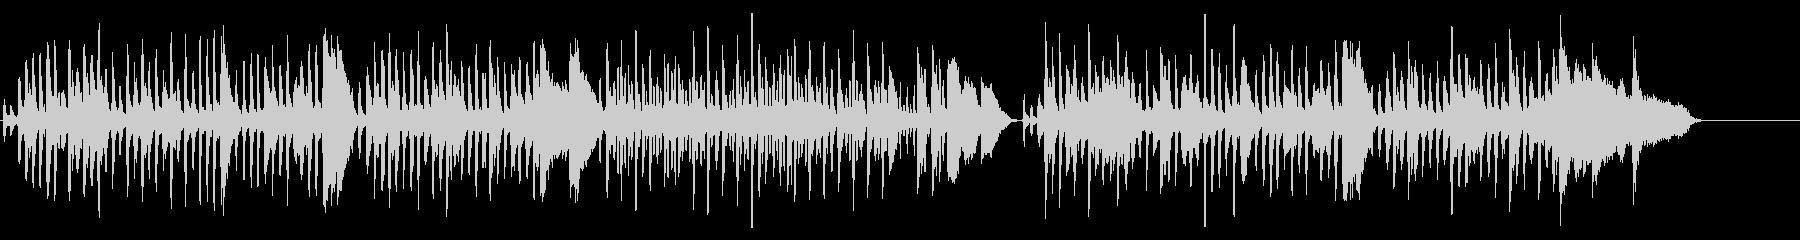 リュリ/ガヴォットをヴァイオリンでの未再生の波形